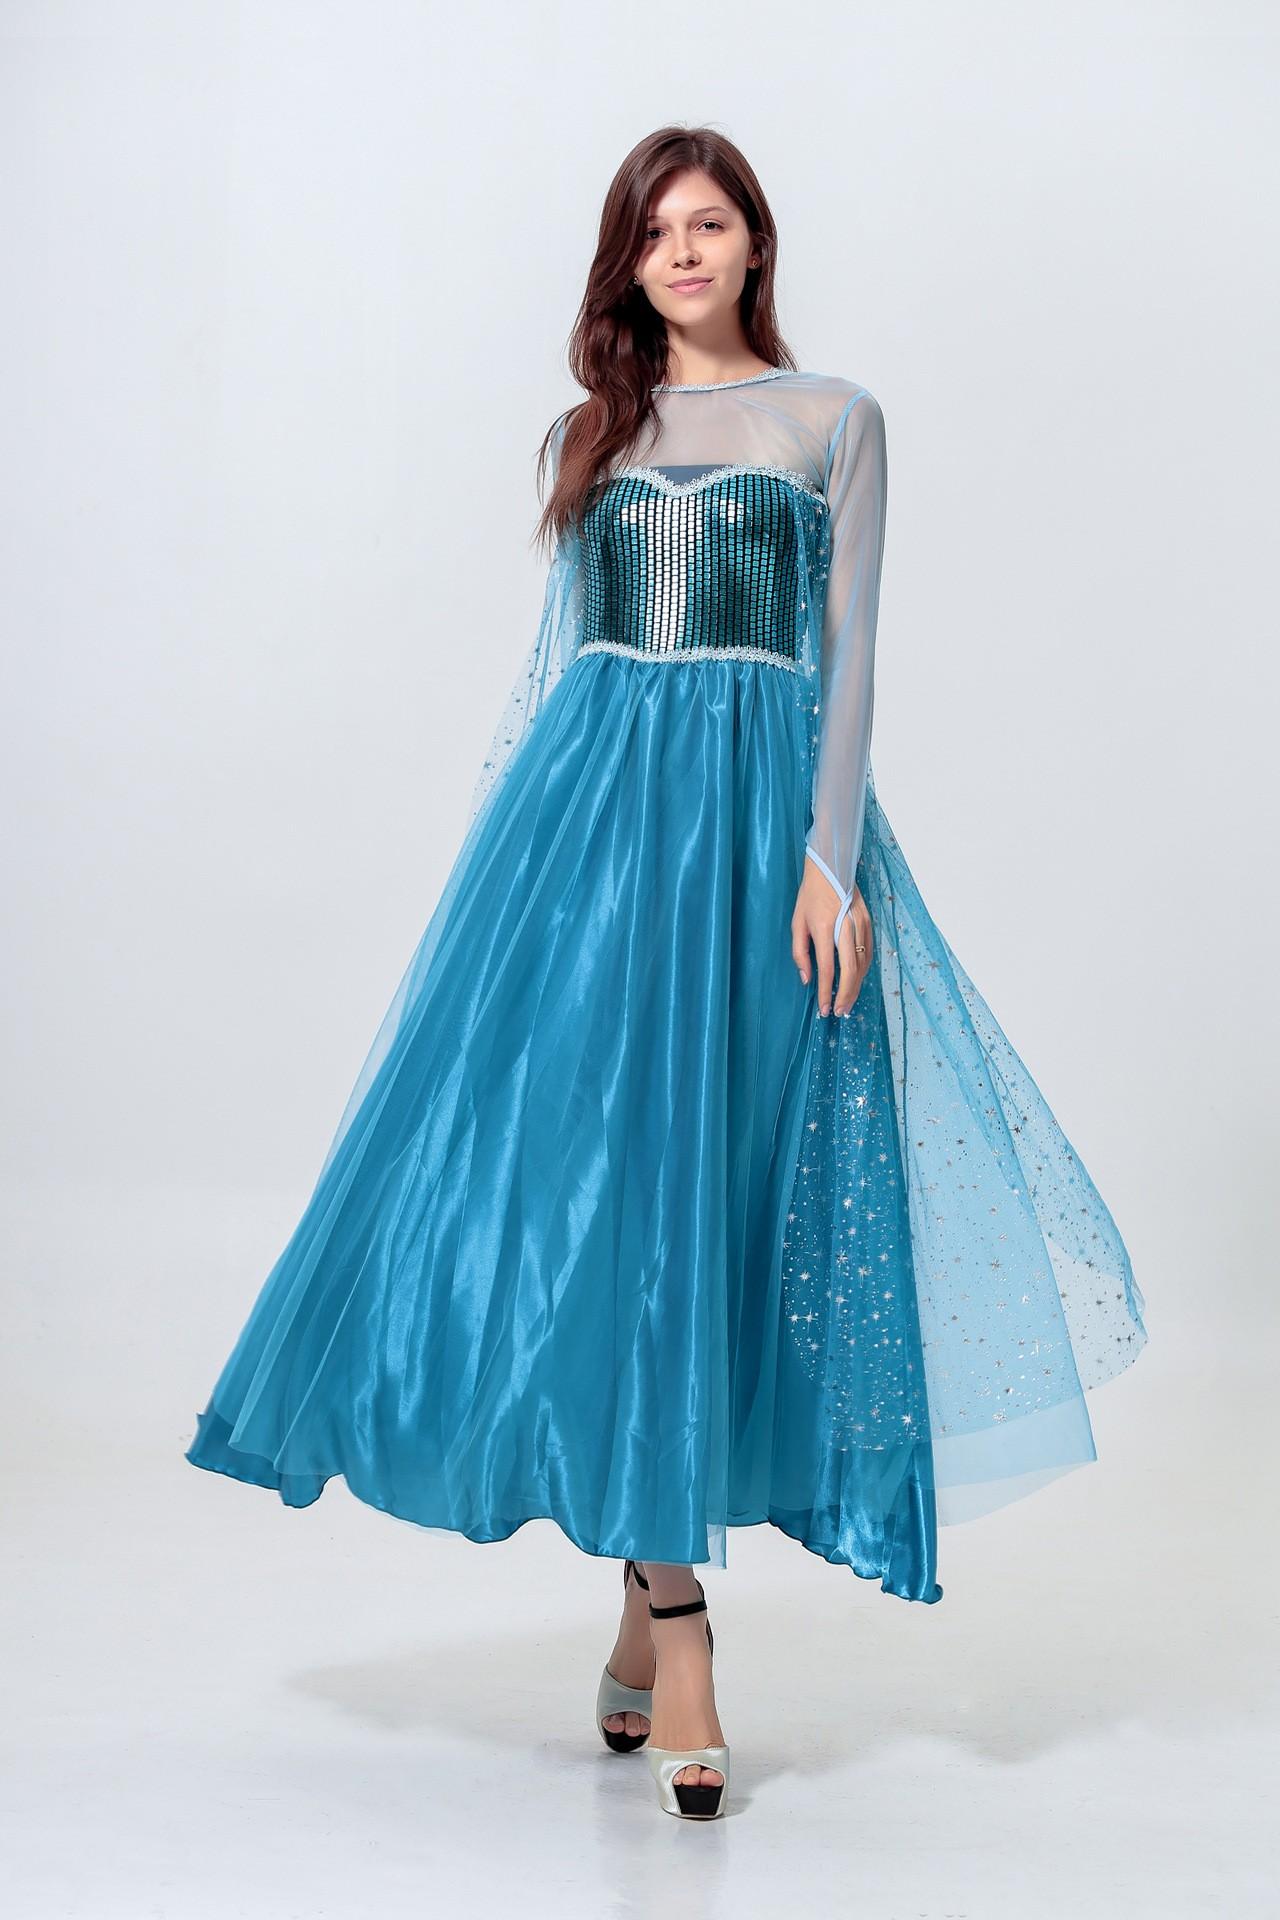 ec77b2d30b3c Paillet Frost Prinsesse Elsa Kjole Voksne